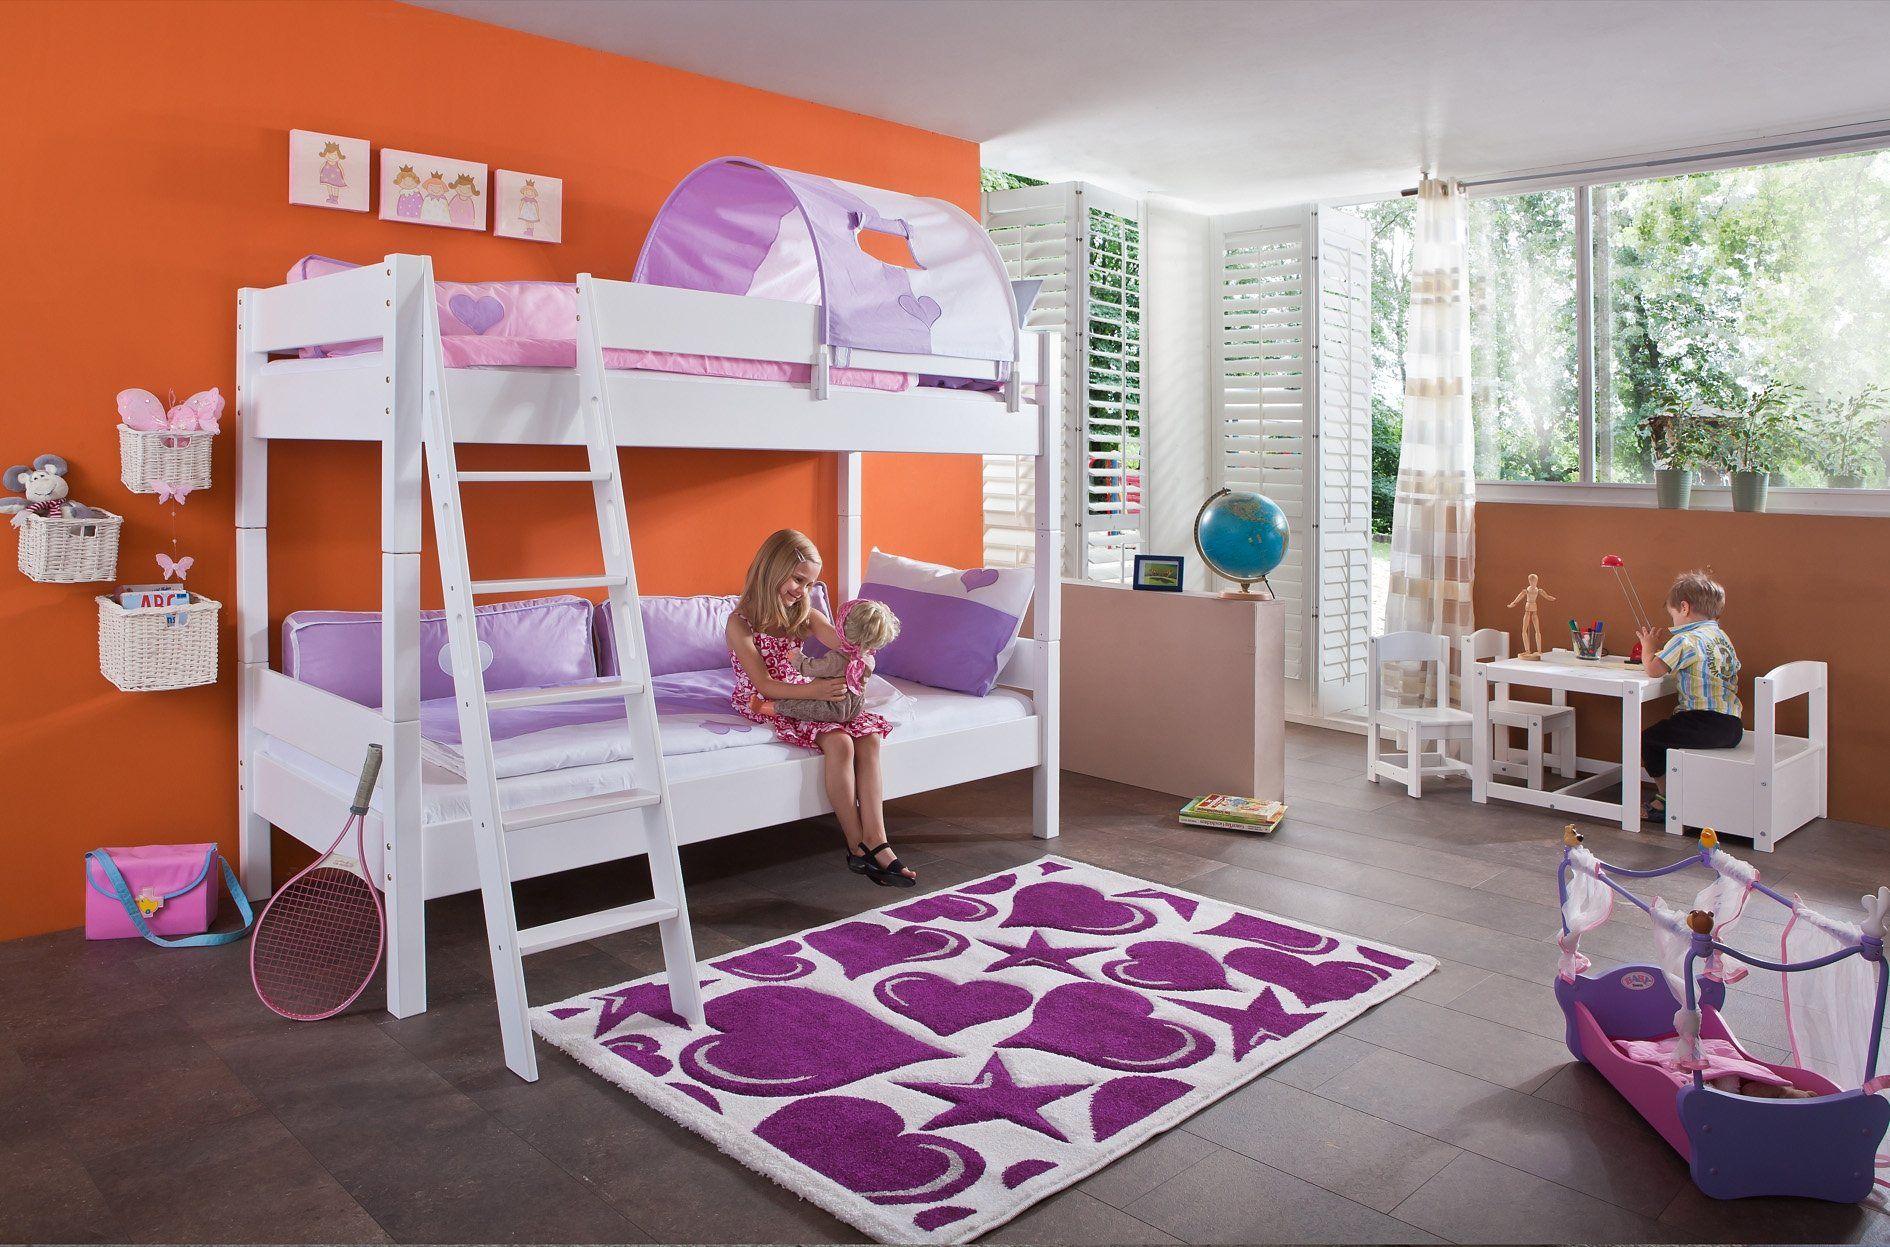 Etagenbett Set : Sitzkissen er set für kinderbett etagenbett funktionsbett tim